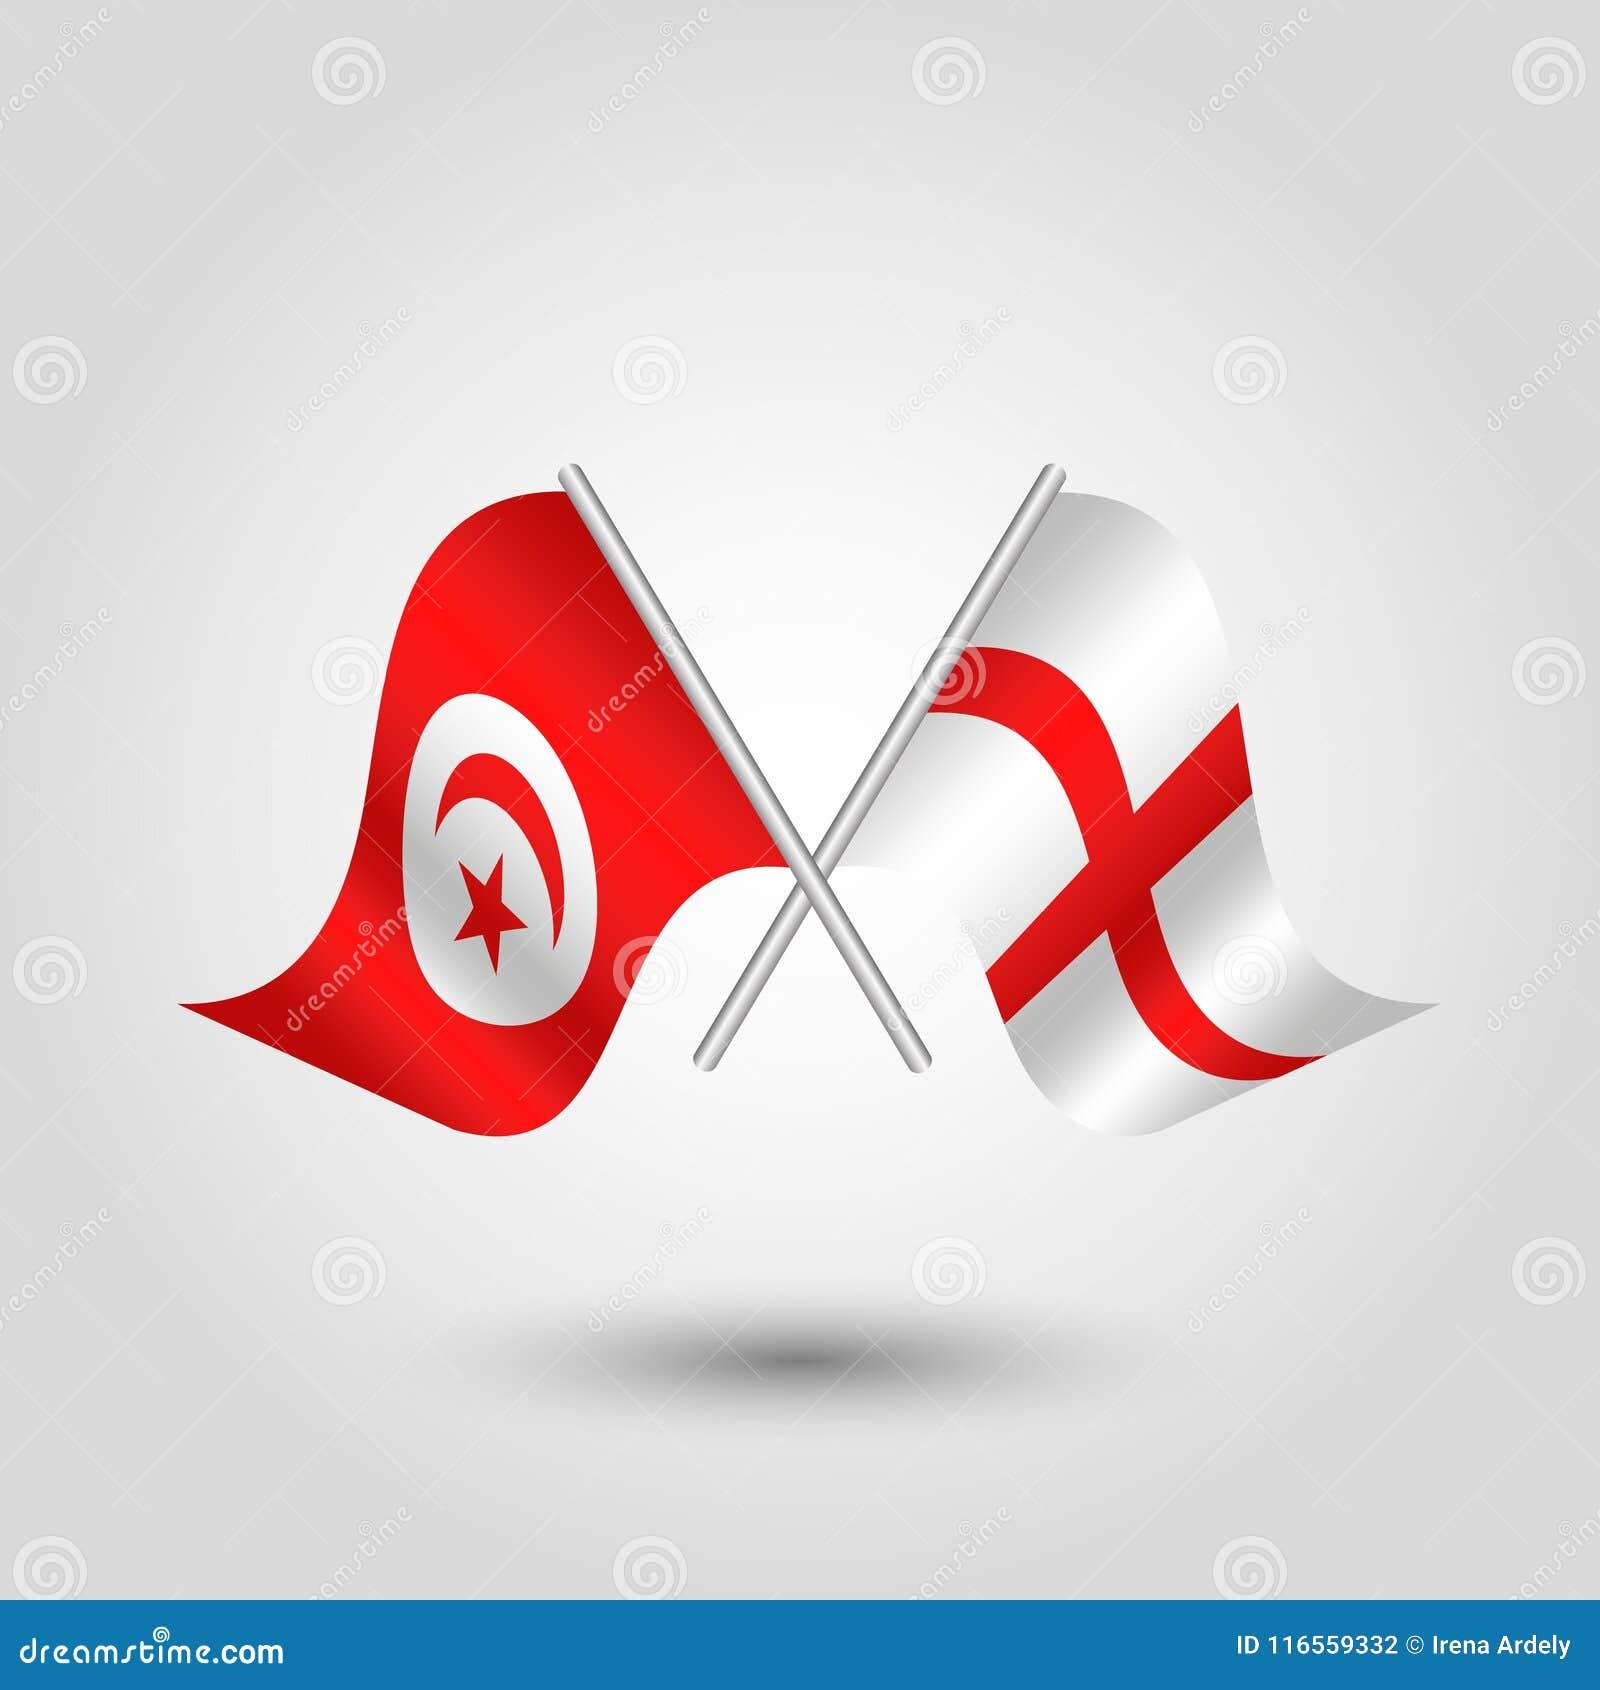 Vektor två korsade tunisian engelska flaggor på silverpinnar - symbol av Tunisien och England